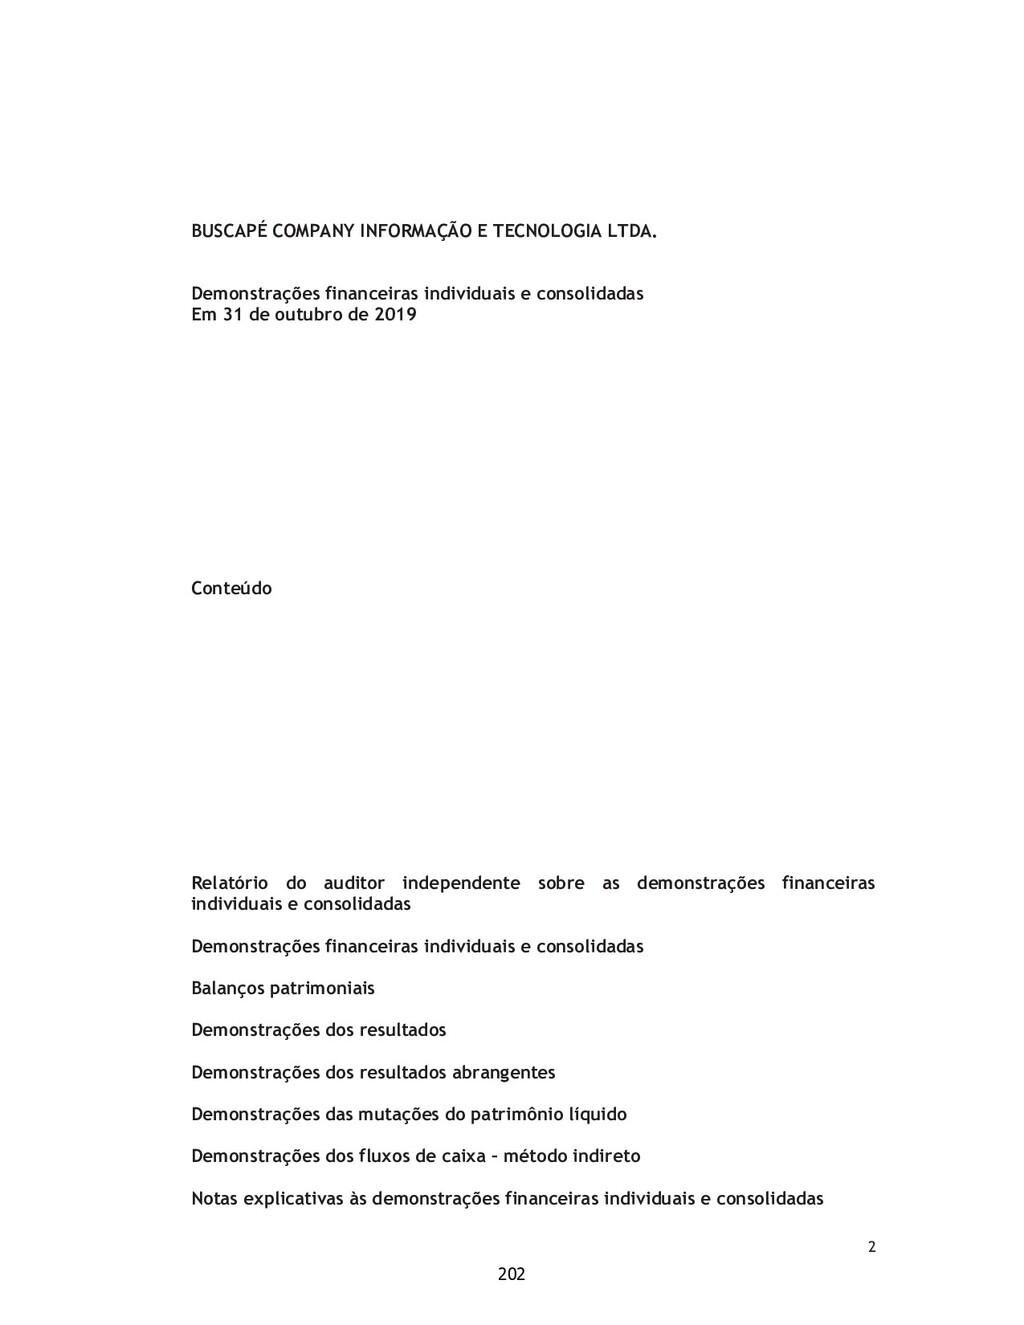 2 BUSCAPÉ COMPANY INFORMAÇÃO E TECNOLOGIA LTDA....